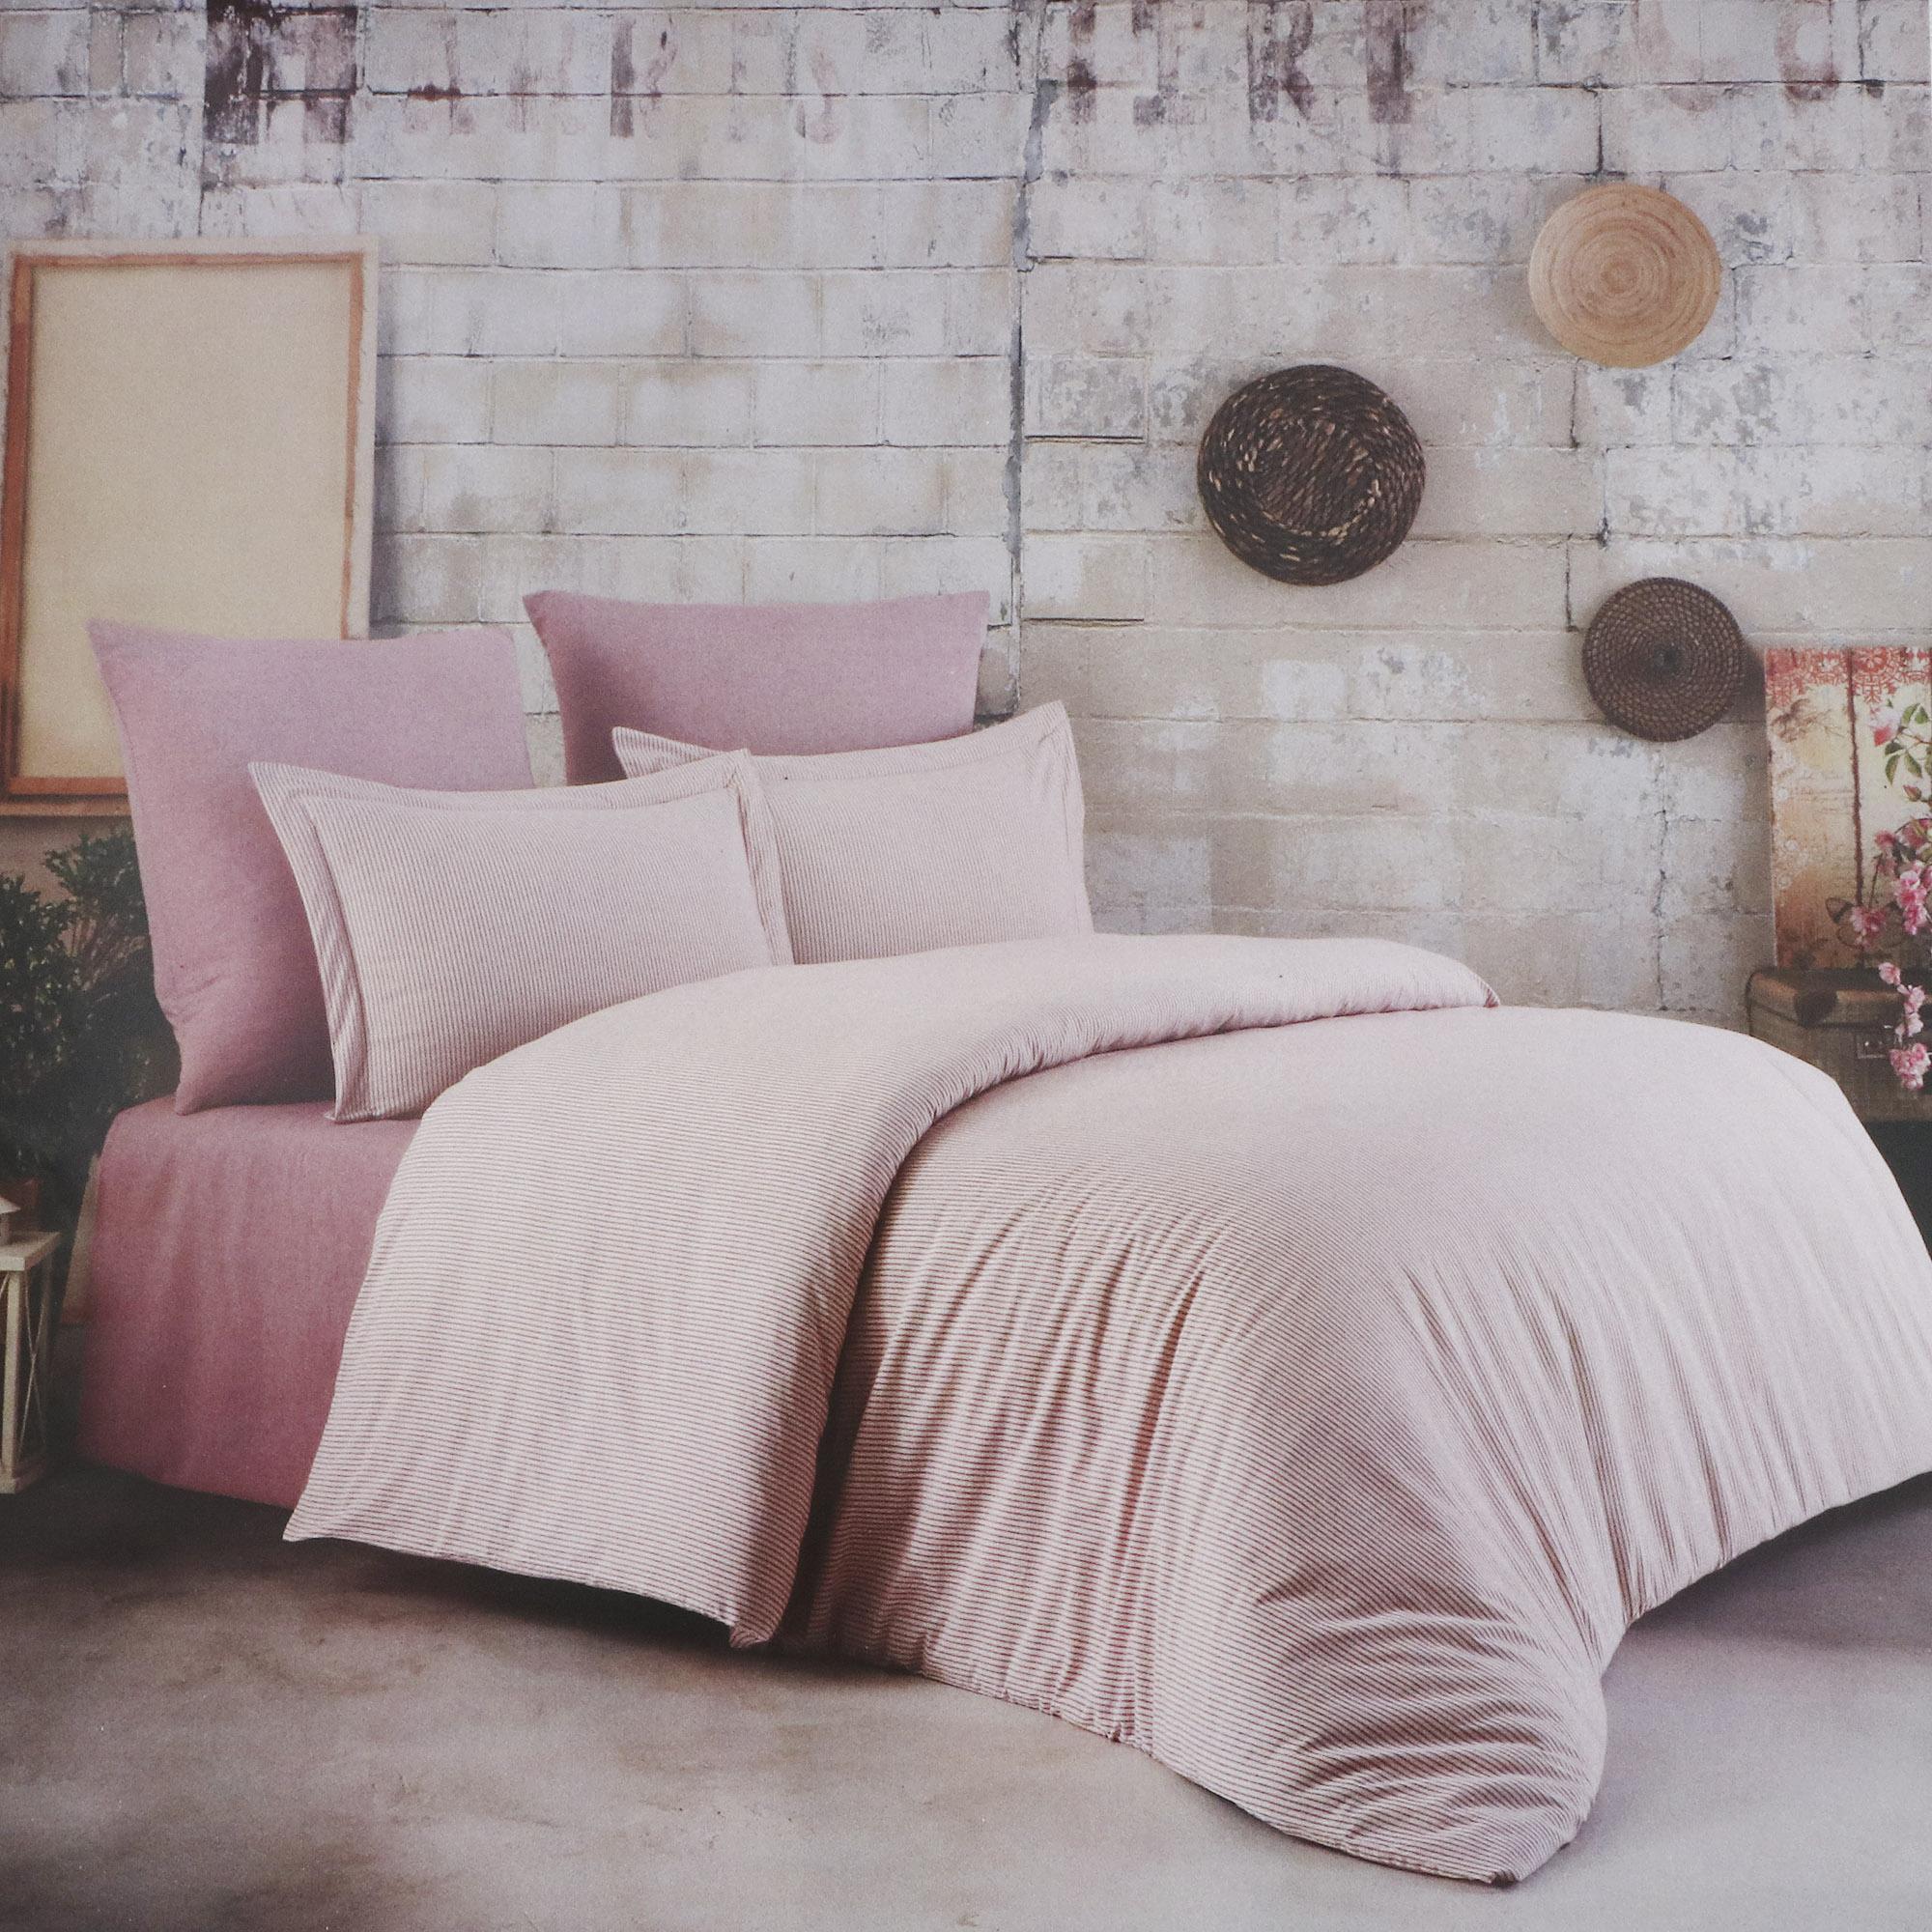 Постельный комплект Colors of Fashion king size crincle pink aft-018